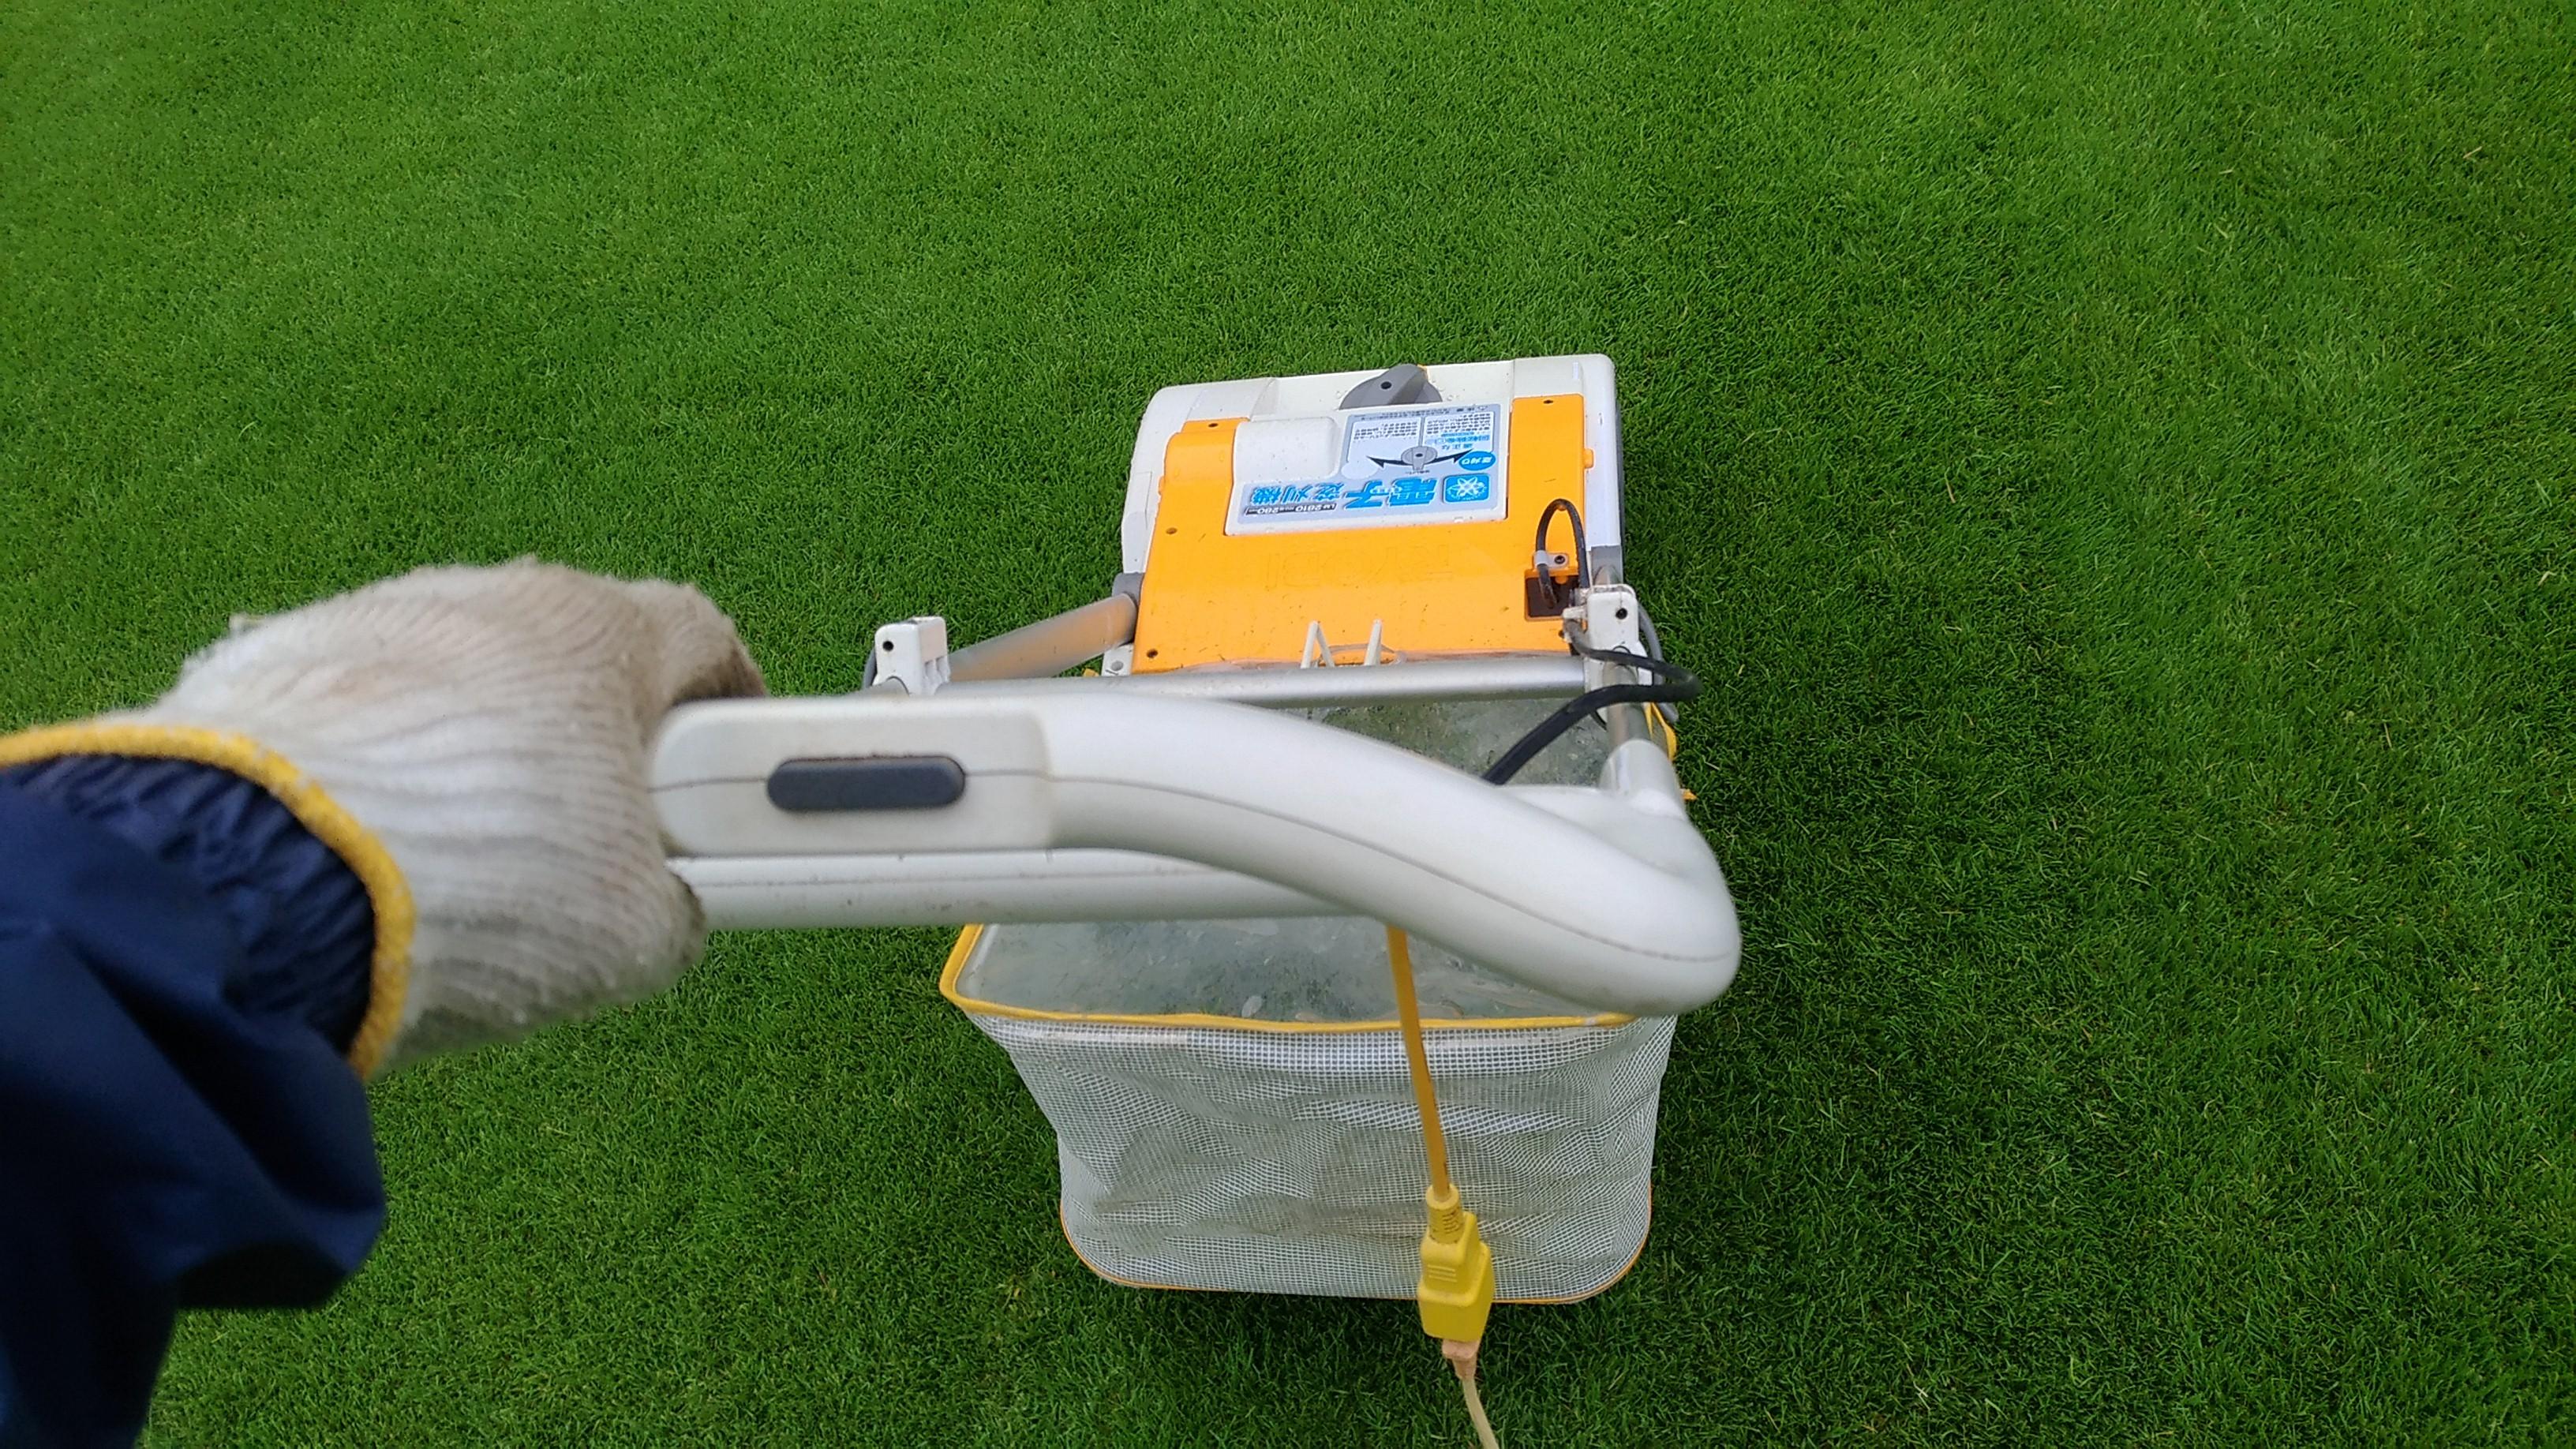 【レビュー】リョービ芝刈り機のサッチング刃は簡単で便利😃✨